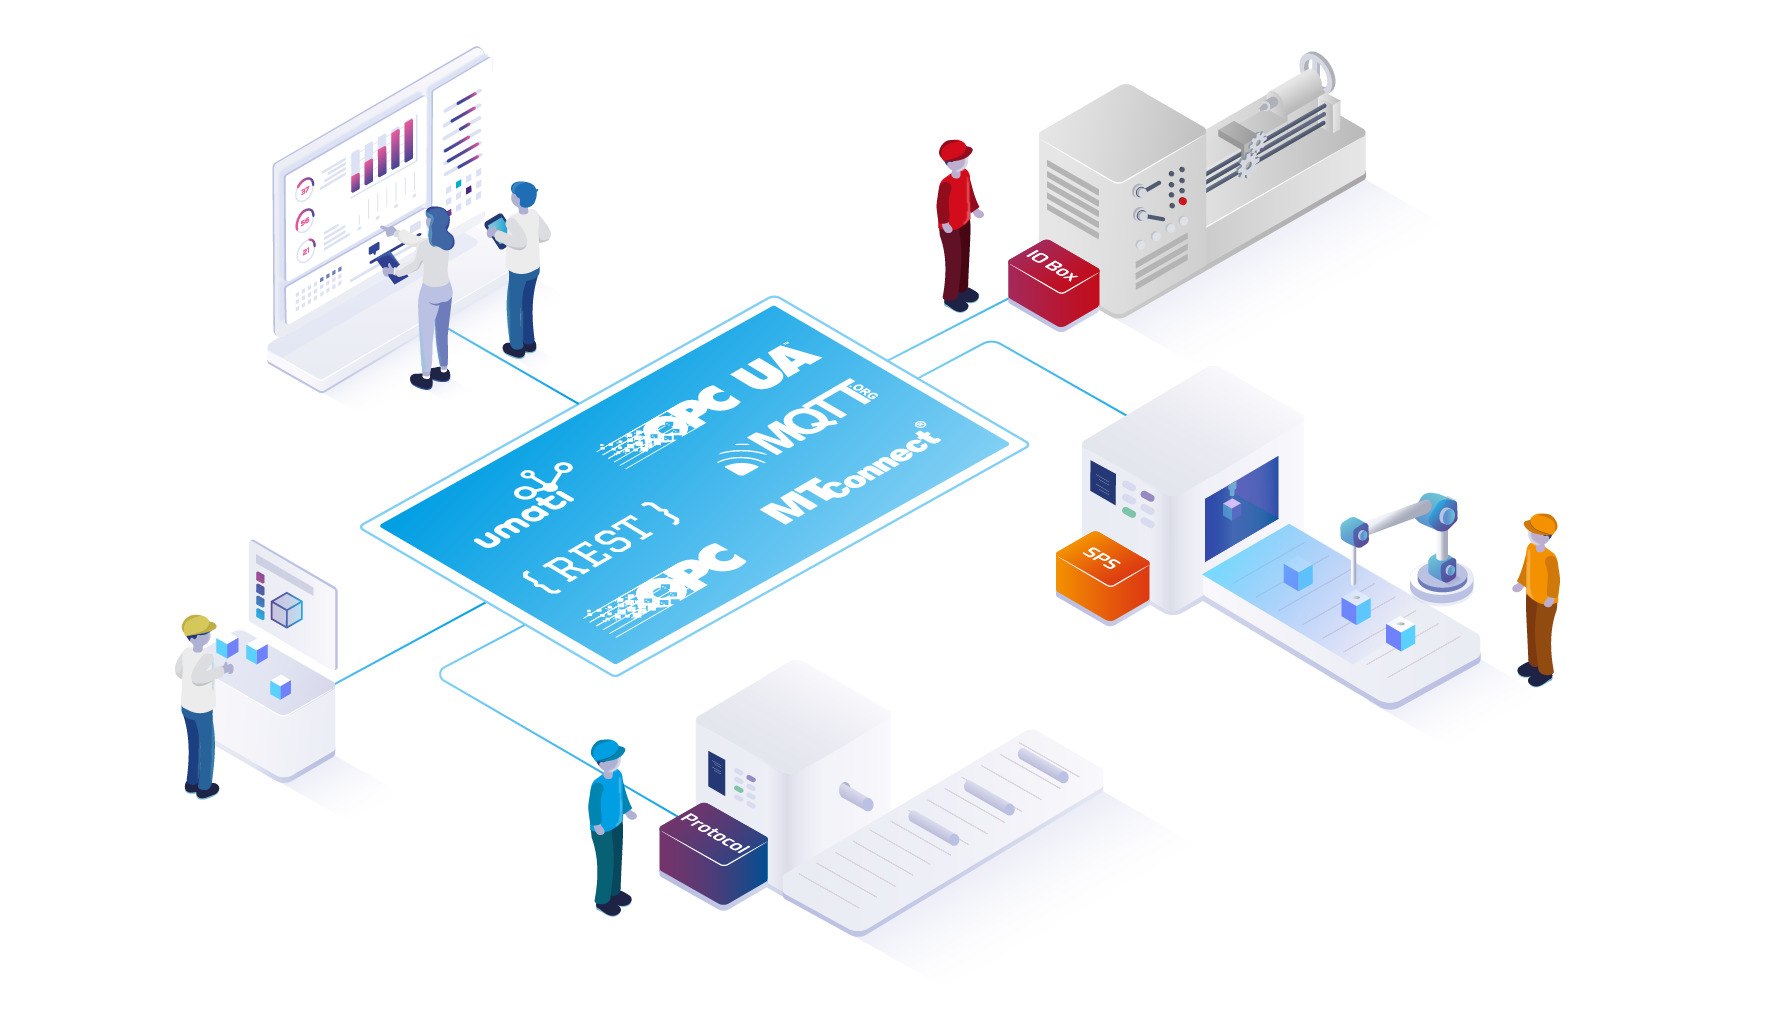 Die Software verhilft über Datennormierung zu einem Maschinendatenmodell für Echtzeitanalysen. (Bild: Forcam GmbH)